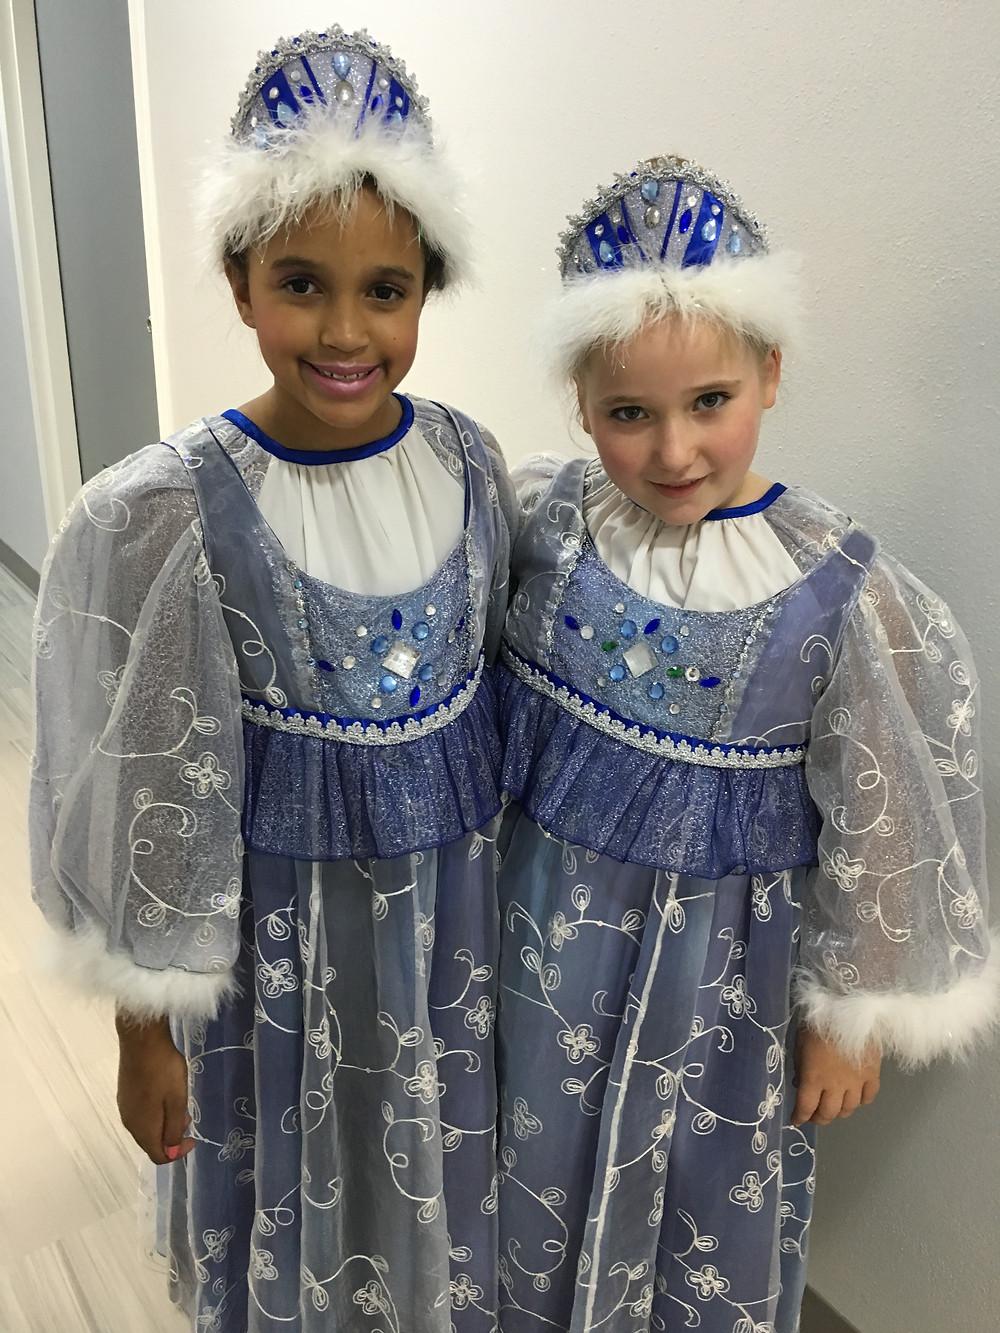 Jasmyne and Carrington as Snow Maidens